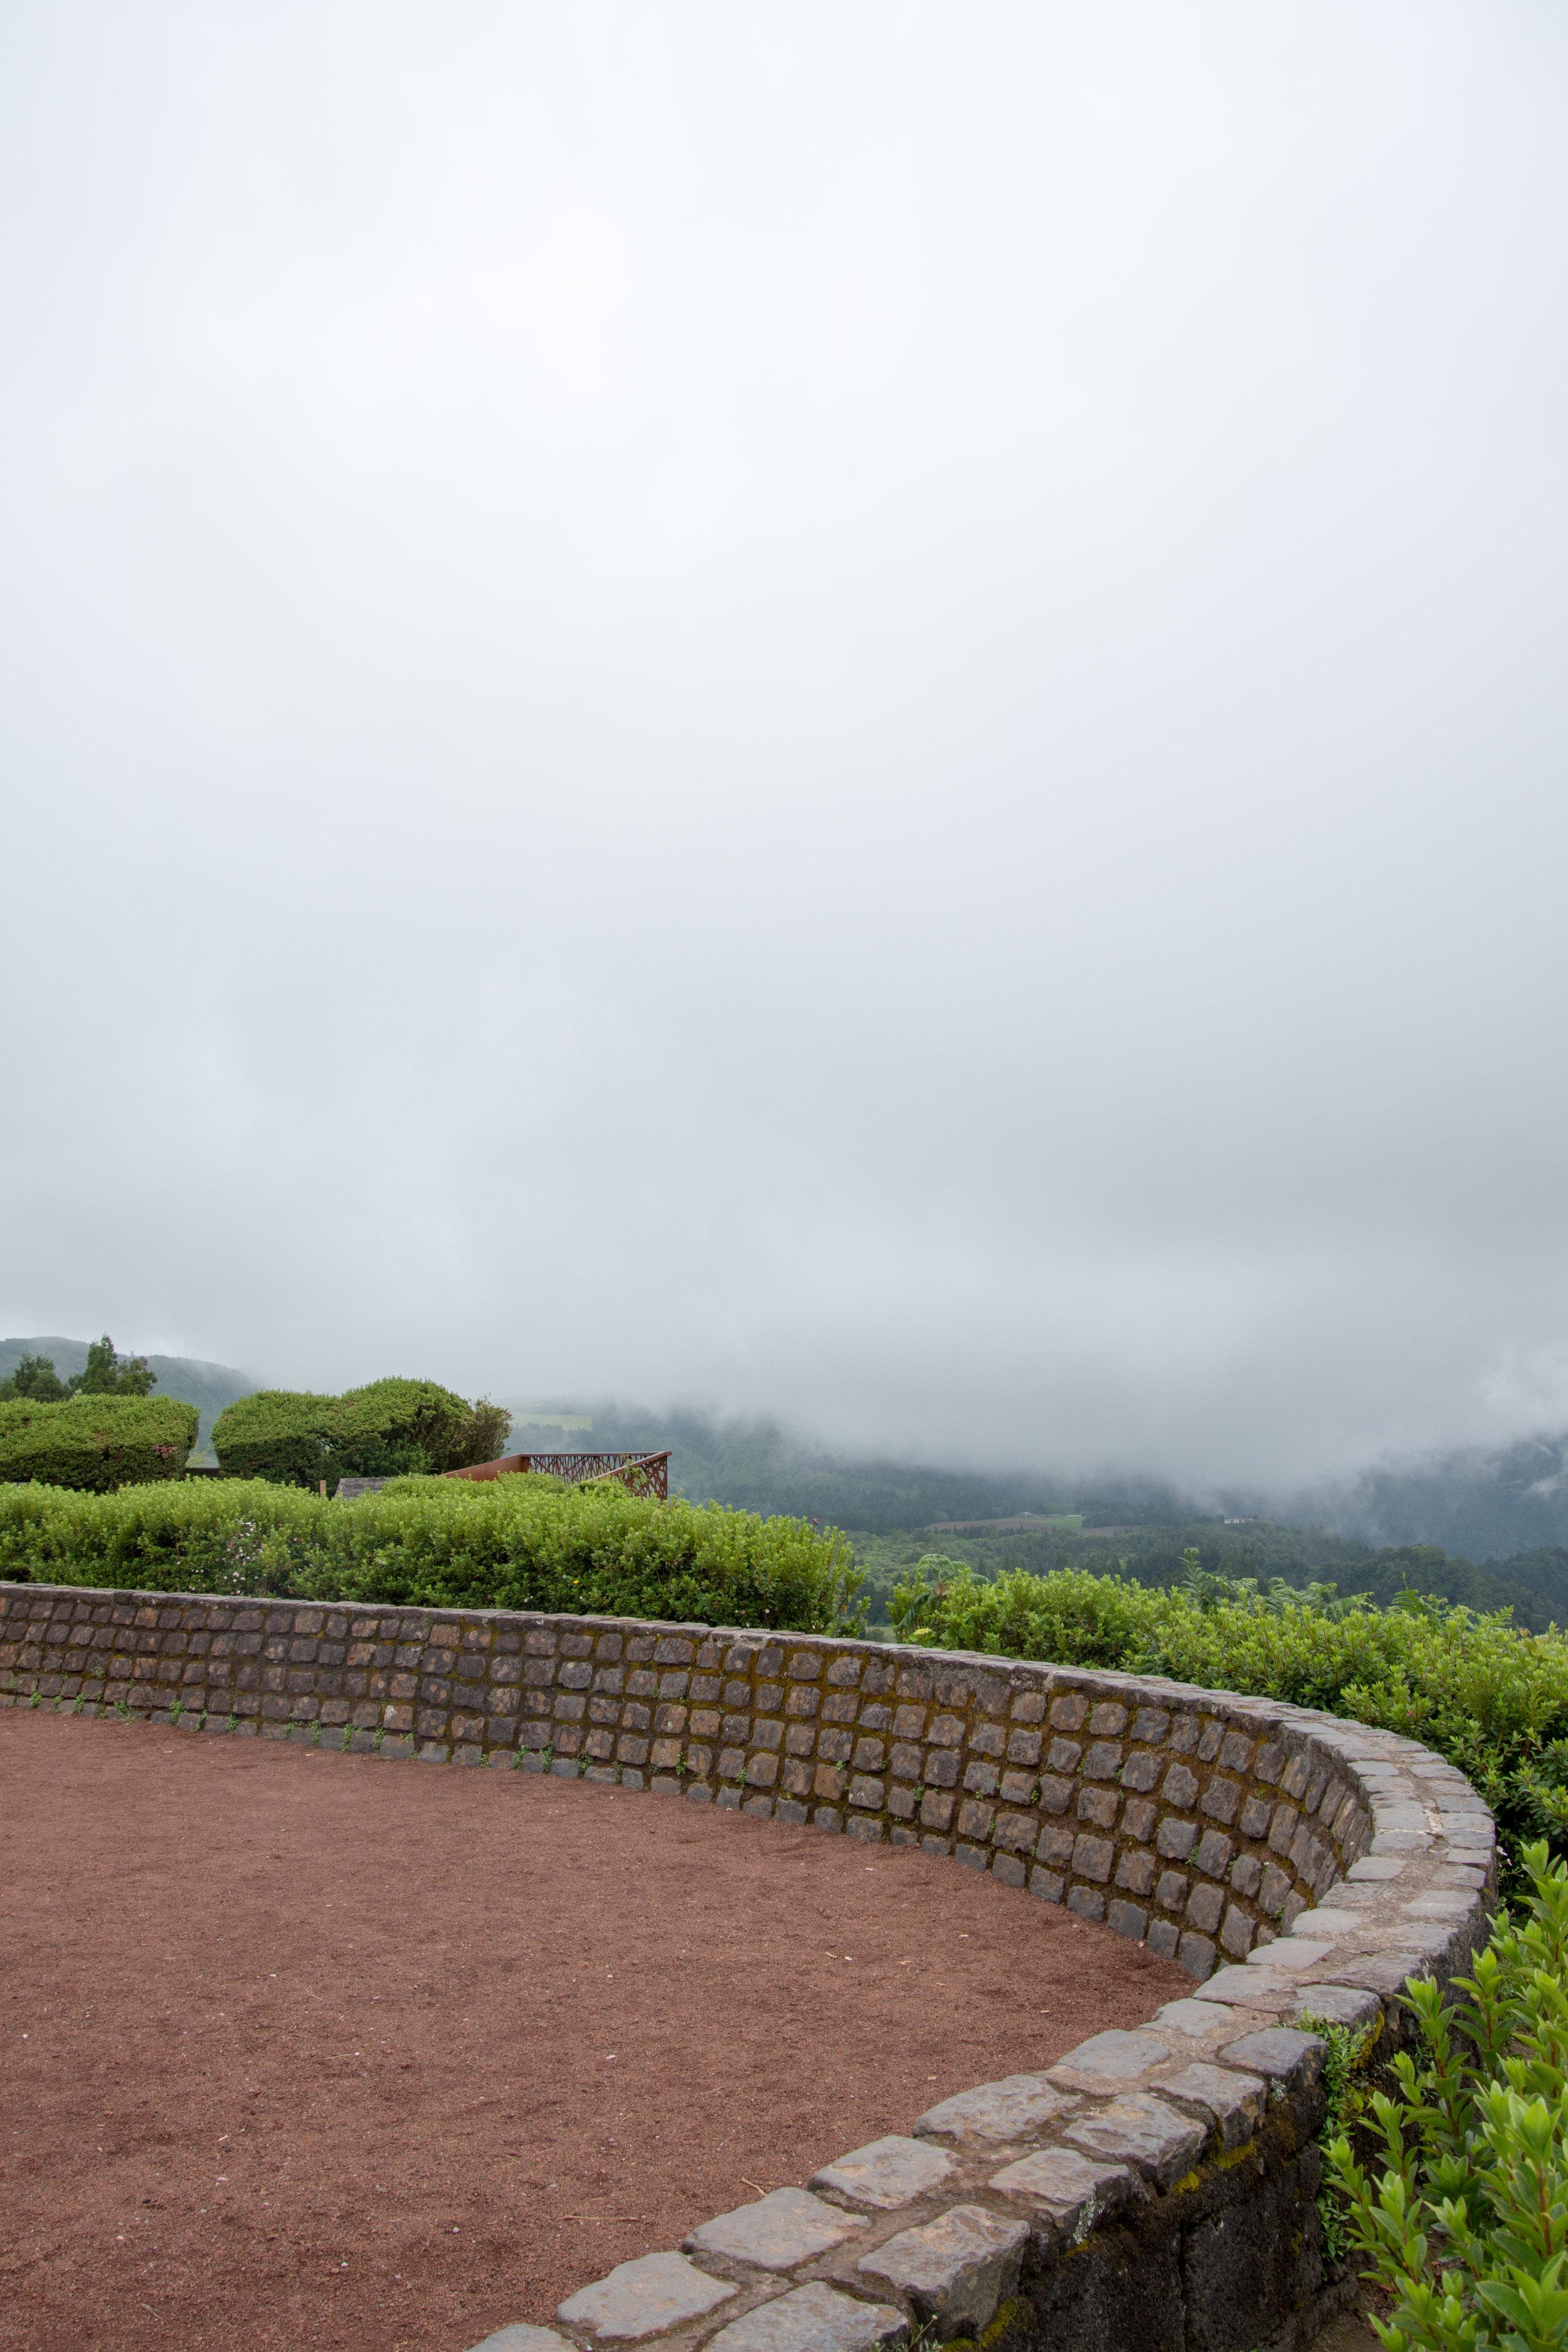 Miradouro do Pico do Ferro on a Foggy Day